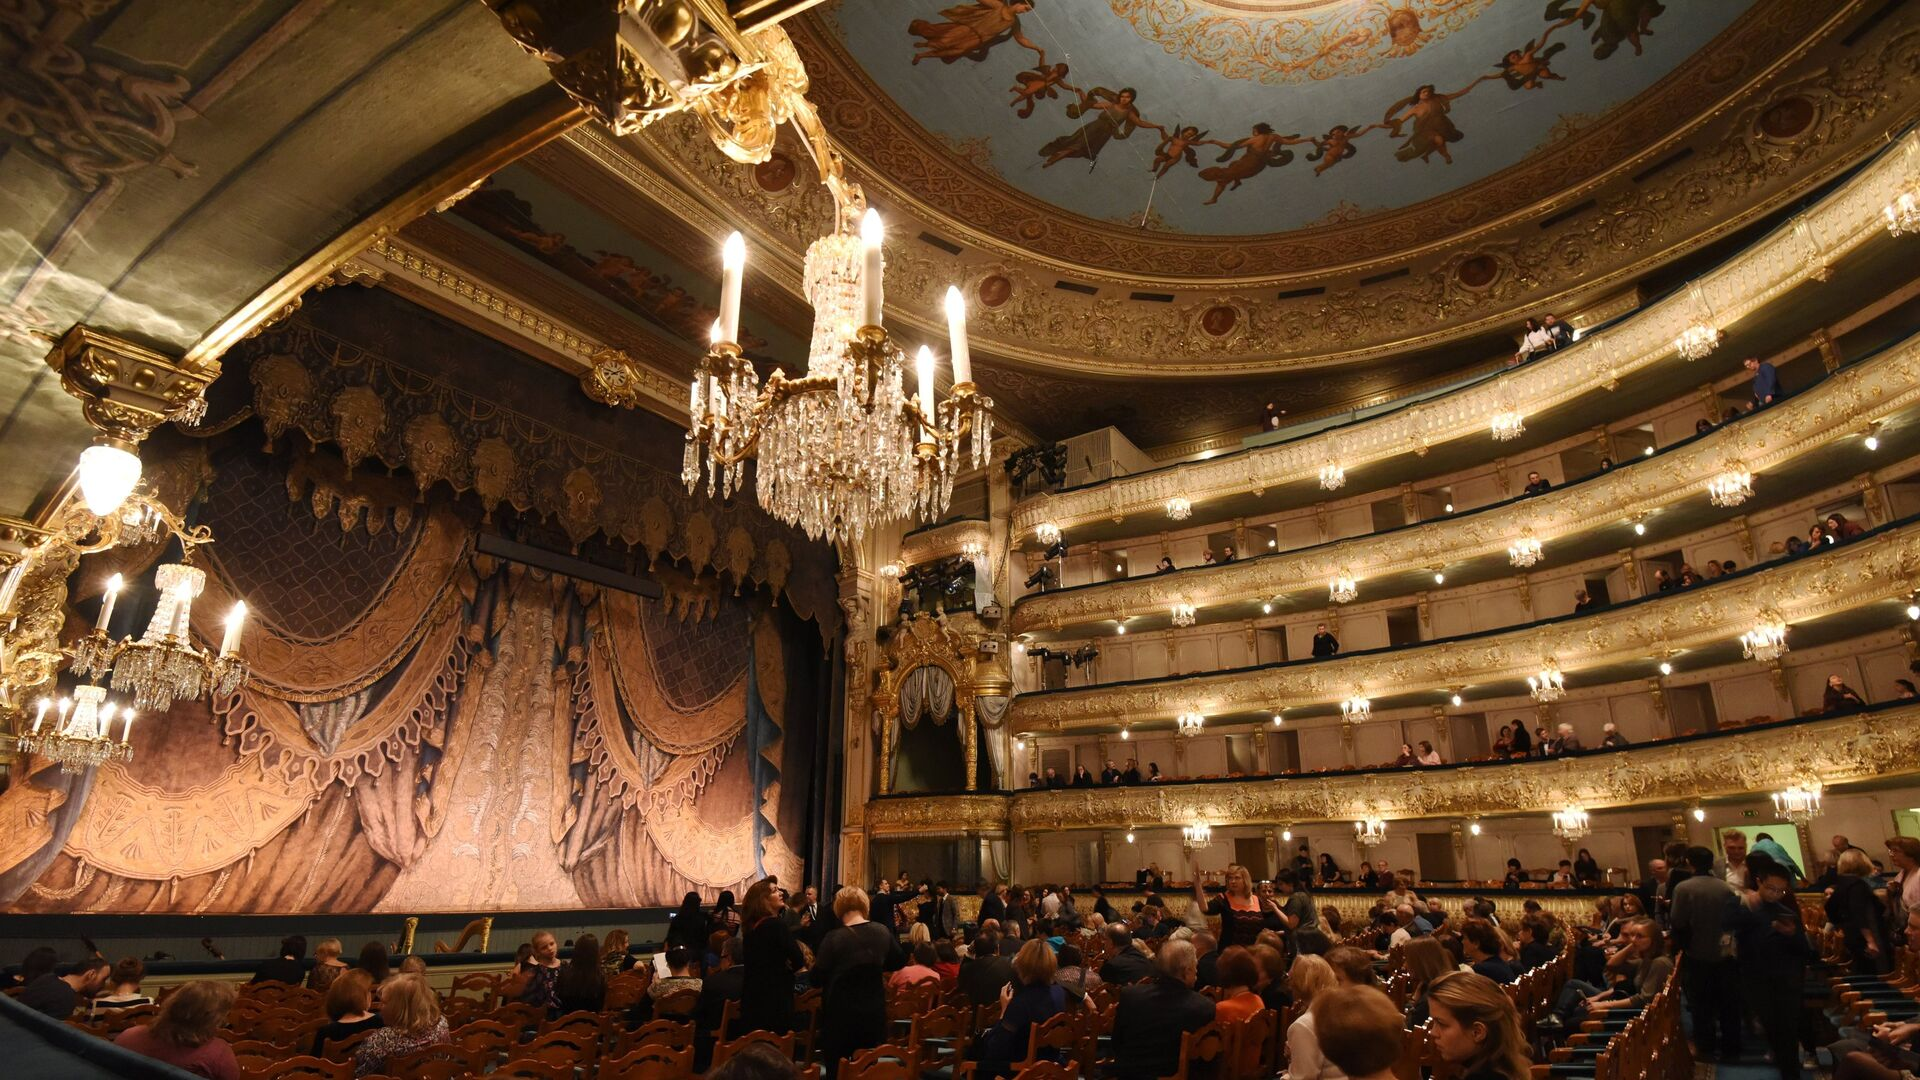 Мариинский театр в Санкт-Петербурге - РИА Новости, 1920, 29.09.2020